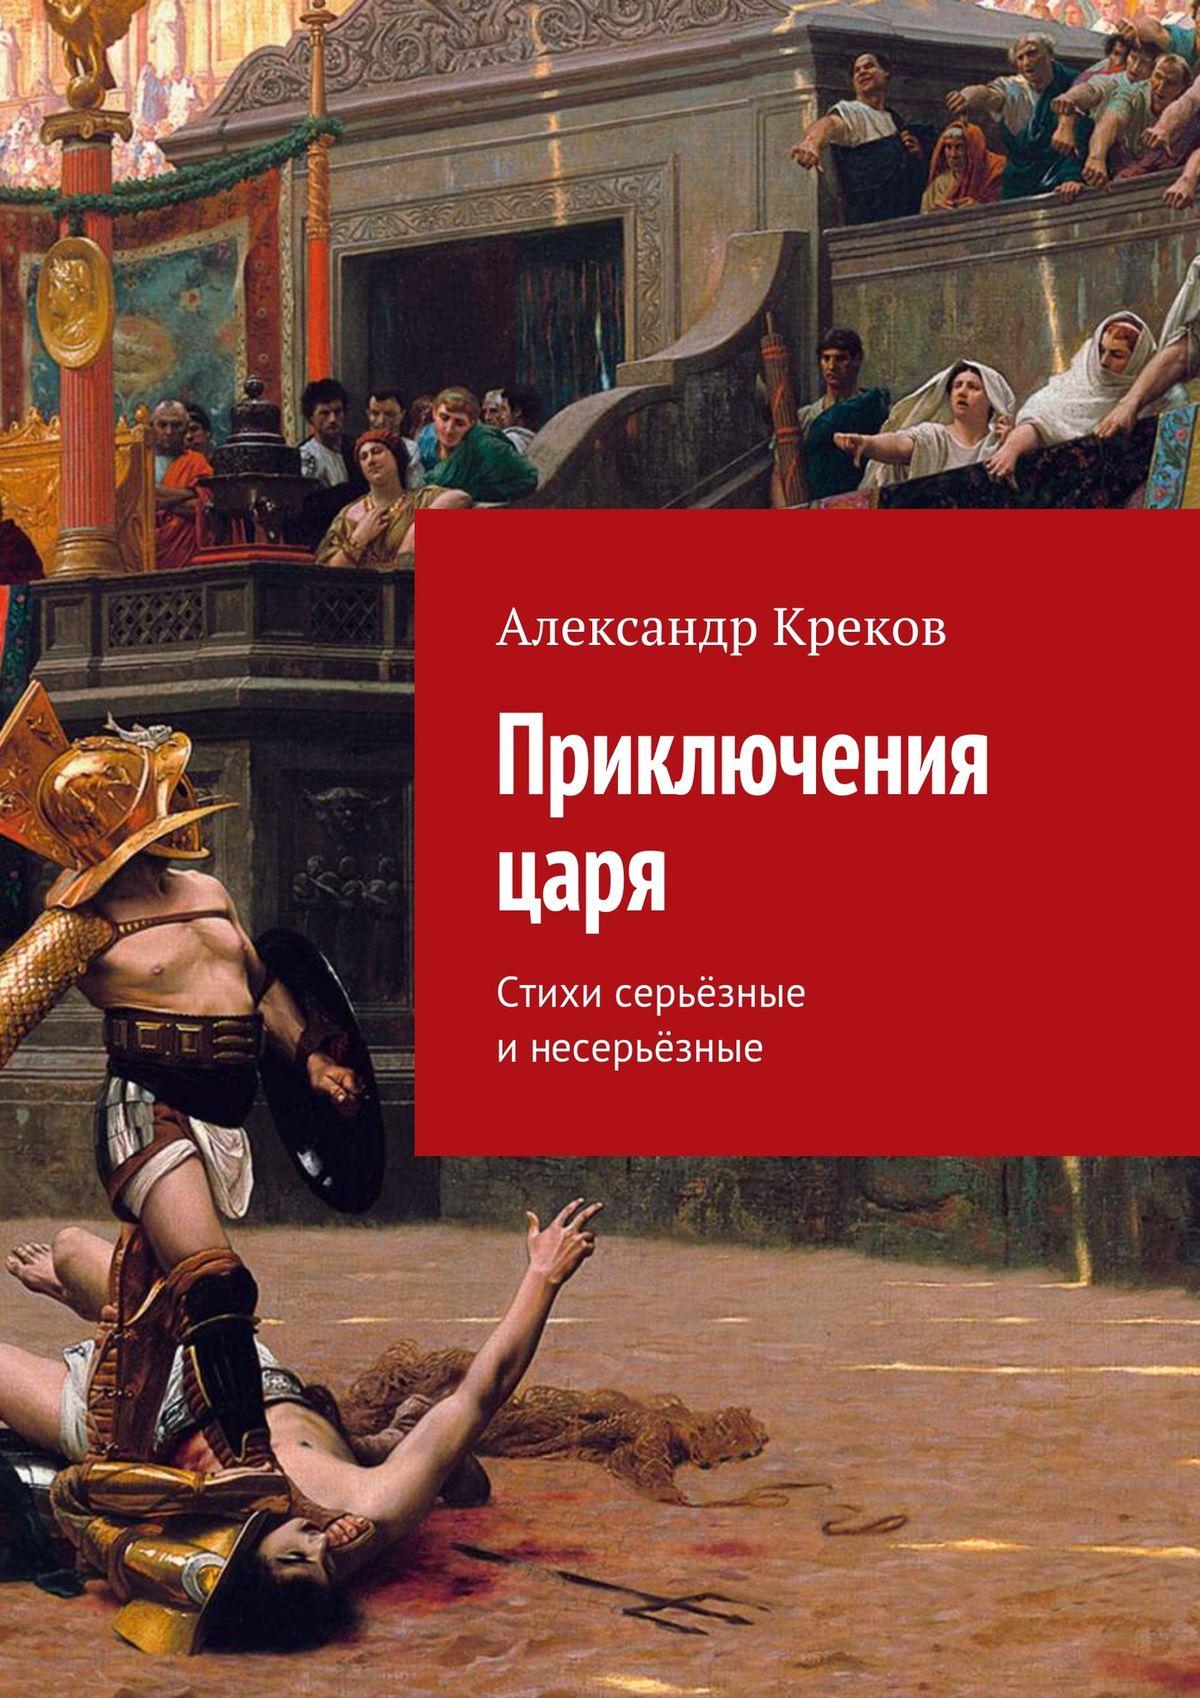 купить Александр Креков Приключения царя. Стихи серьёзные инесерьёзные недорого